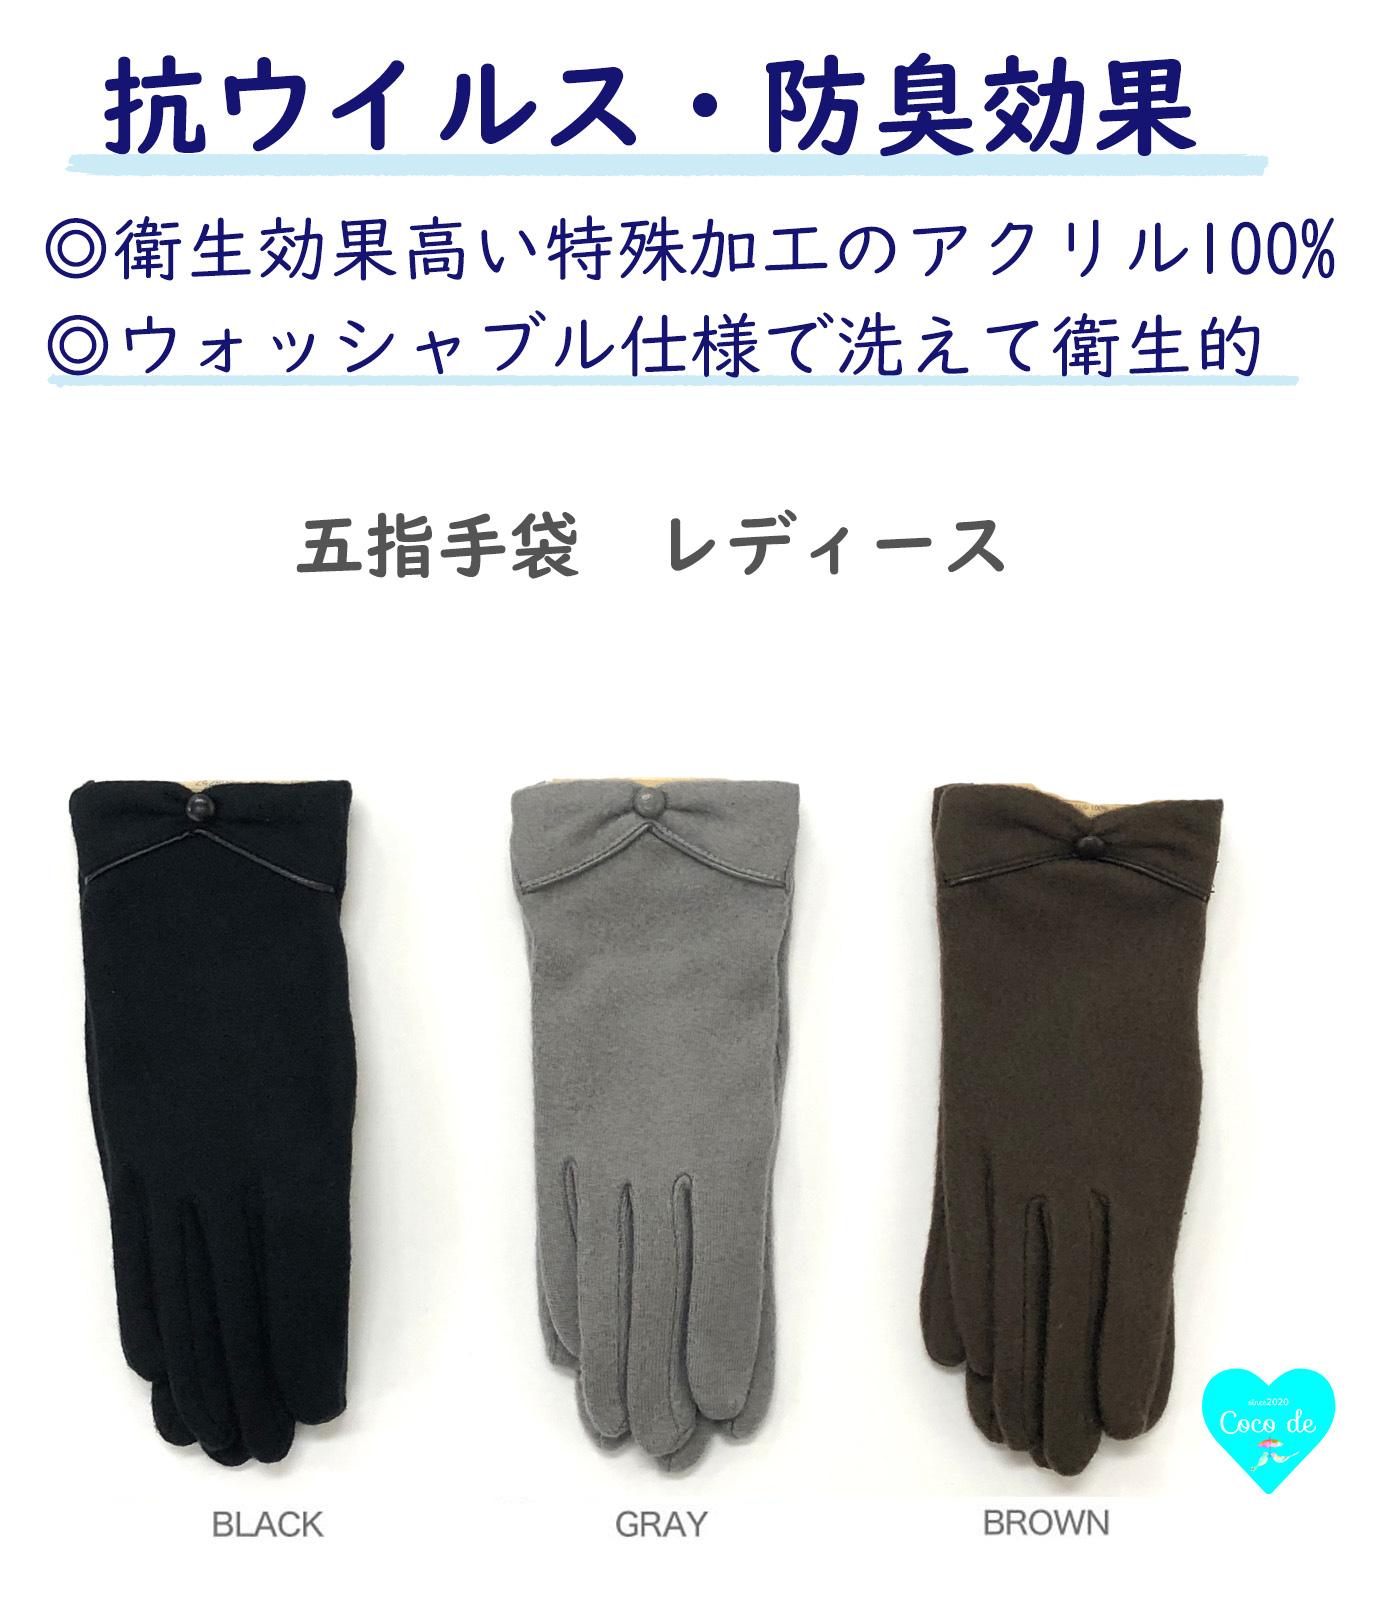 抗ウイルス・防臭 手袋